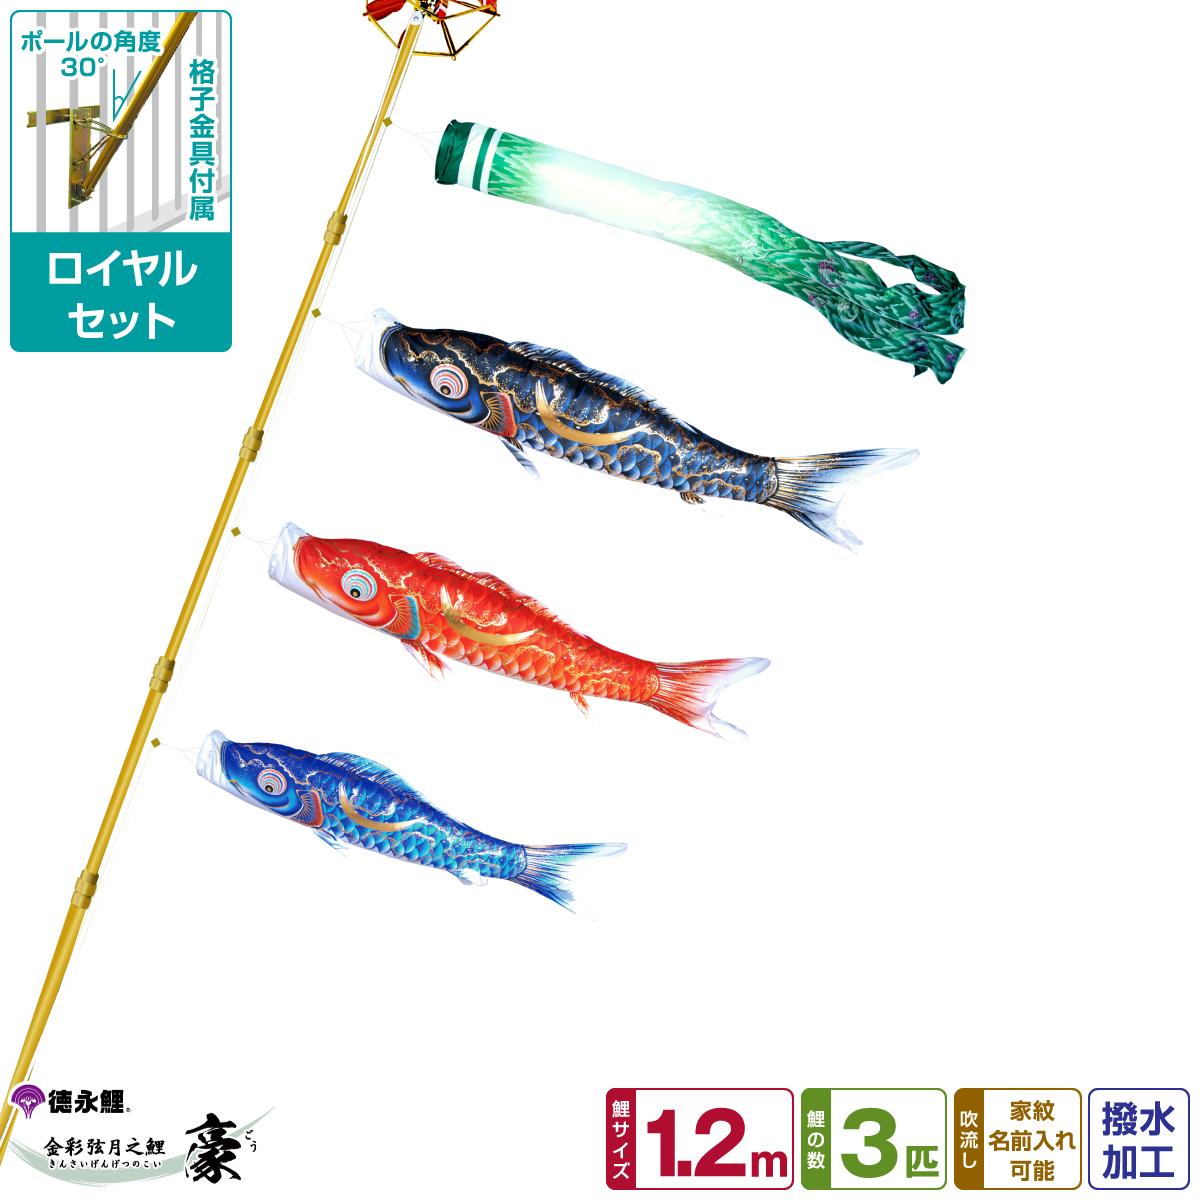 徳永鯉のぼり 豪鯉 1.2m 6点セット ベランダ用ロイヤルセット 2019年初節句 端午の節句 こどもの日 こいのぼり